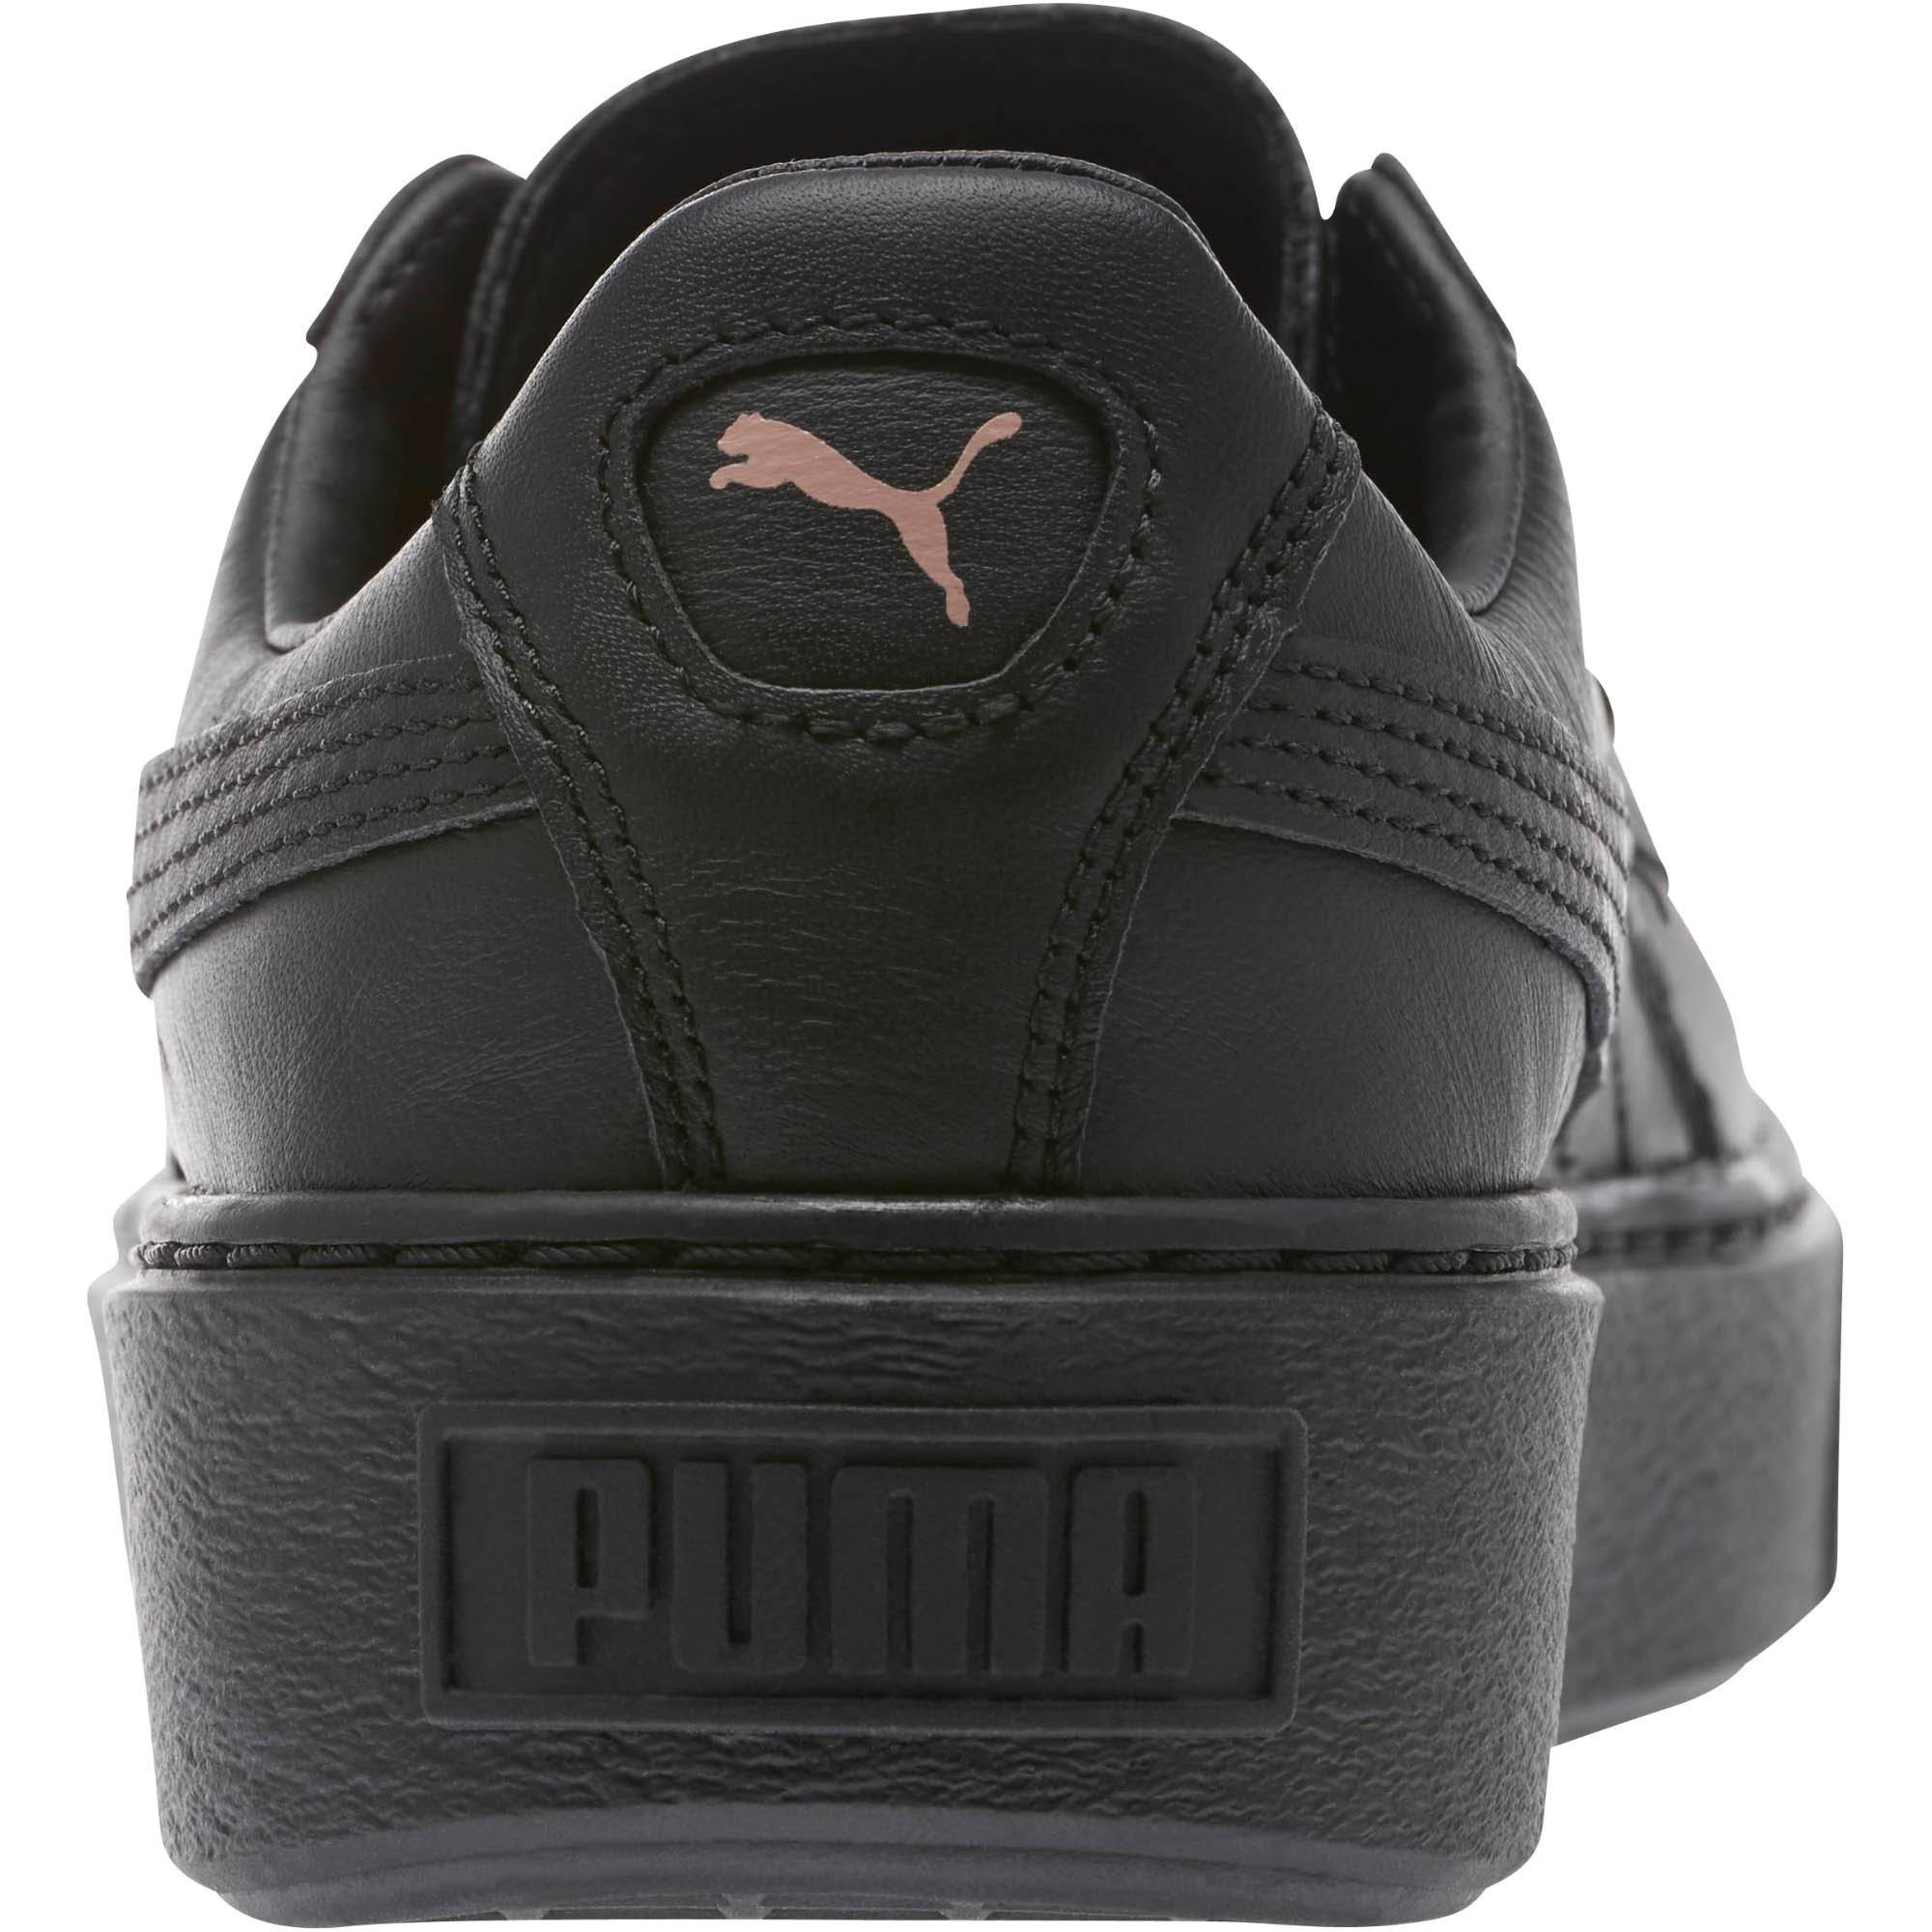 Damenschuhe Platform 36616902001 Basket Puma Schwarz Und Größe Rotgold 8 Rqvzx6Pn